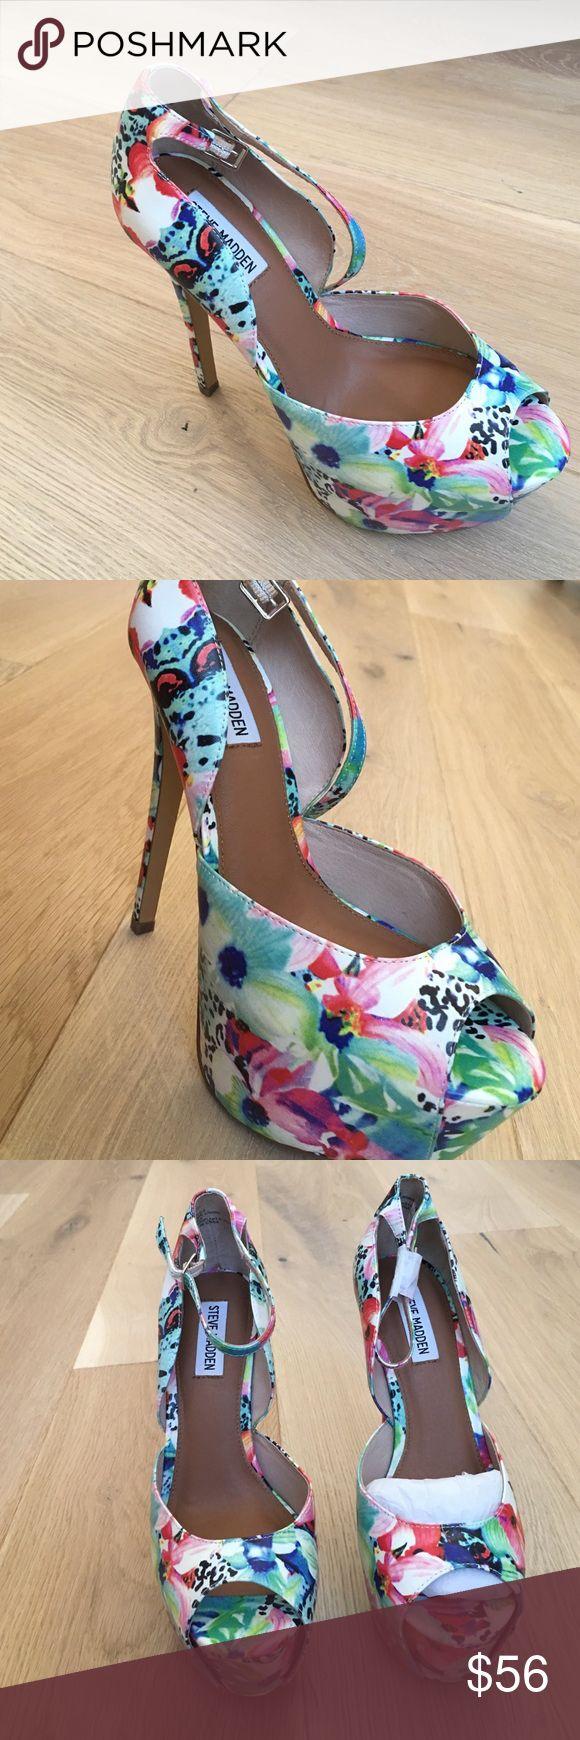 Heels Steeve madden heels.. Brand new, in original packaging, comfy, colorful beauties.. Steve Madden Shoes Heels